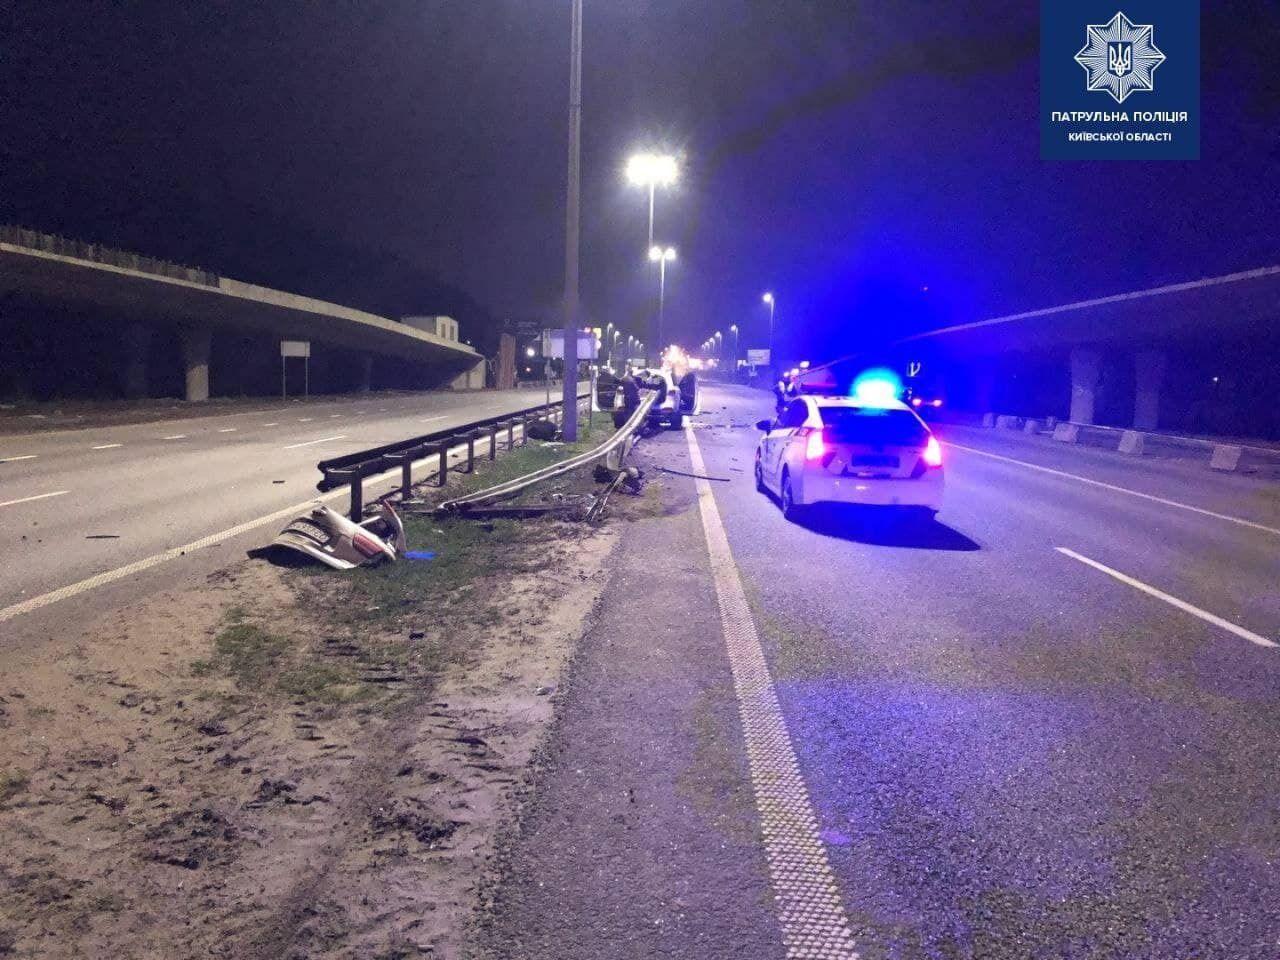 Внаслідок аварії постраждав пасажир позашляховика.